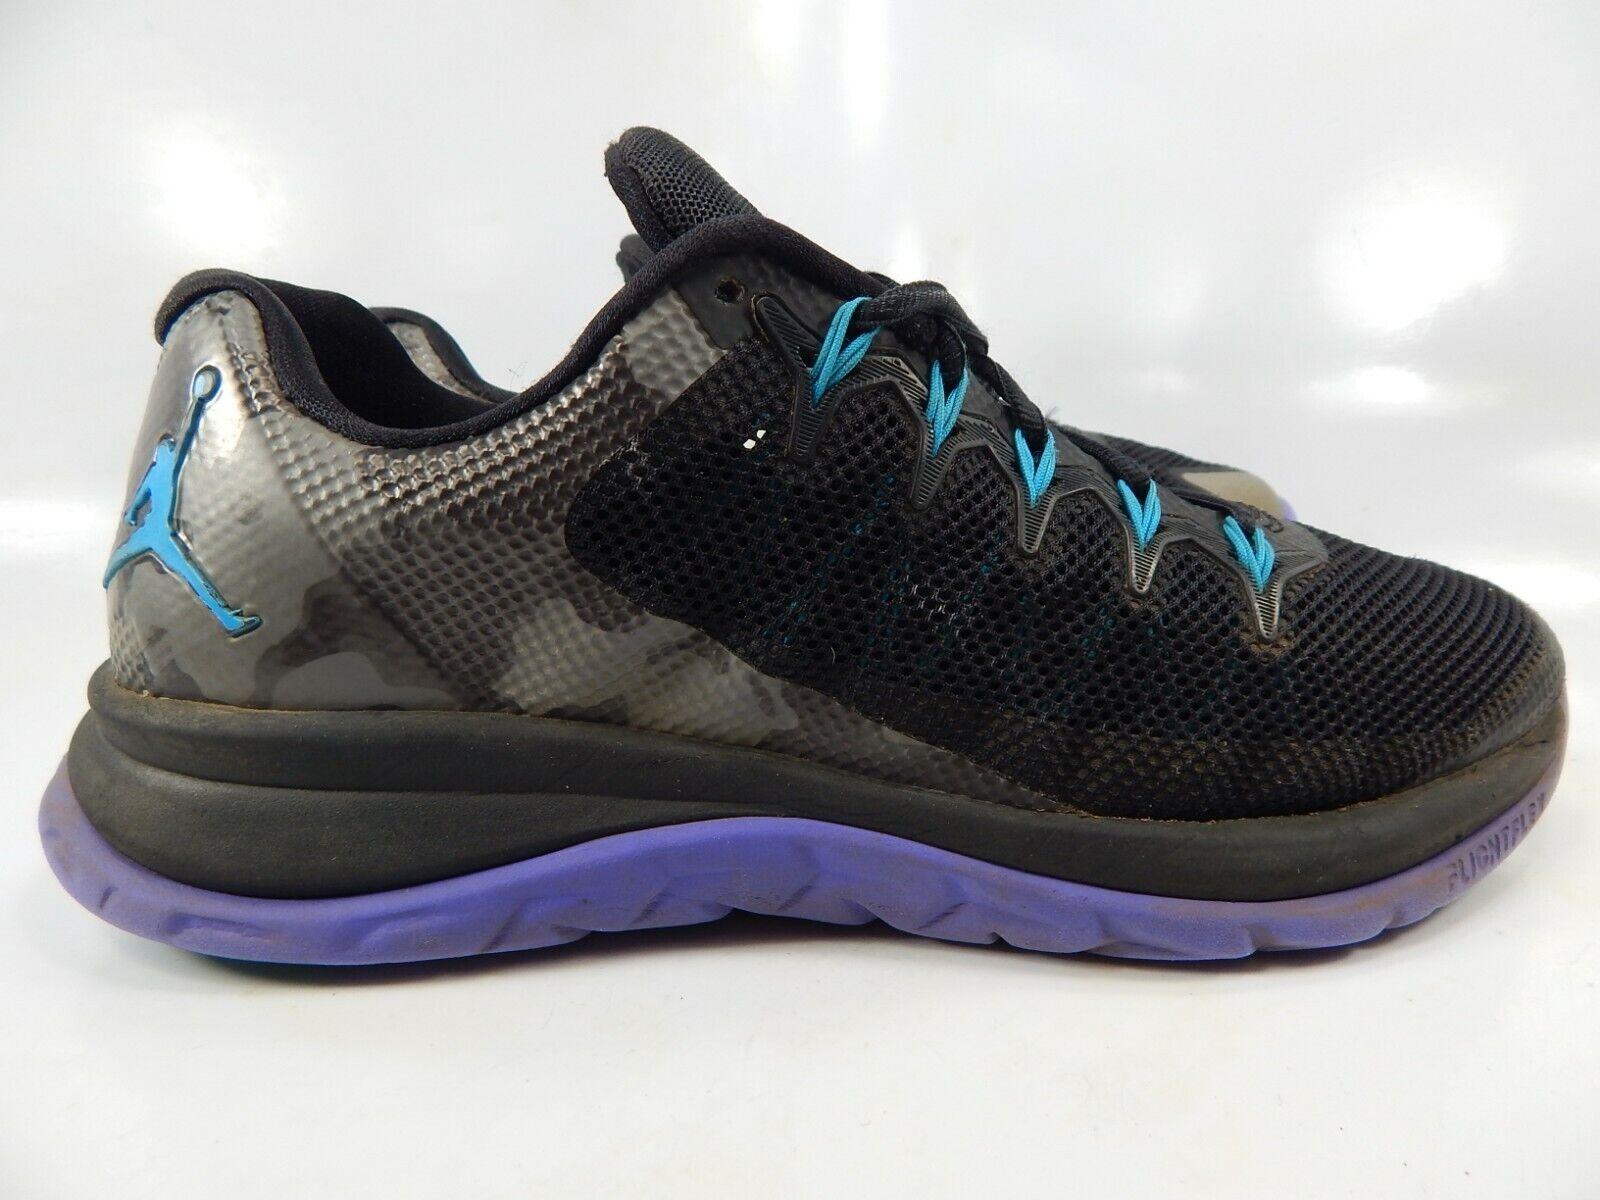 Nike Jordan Flight Runner 2 Größe US 8 M (D) Eu 41 Herren Laufschuhe 715572-007